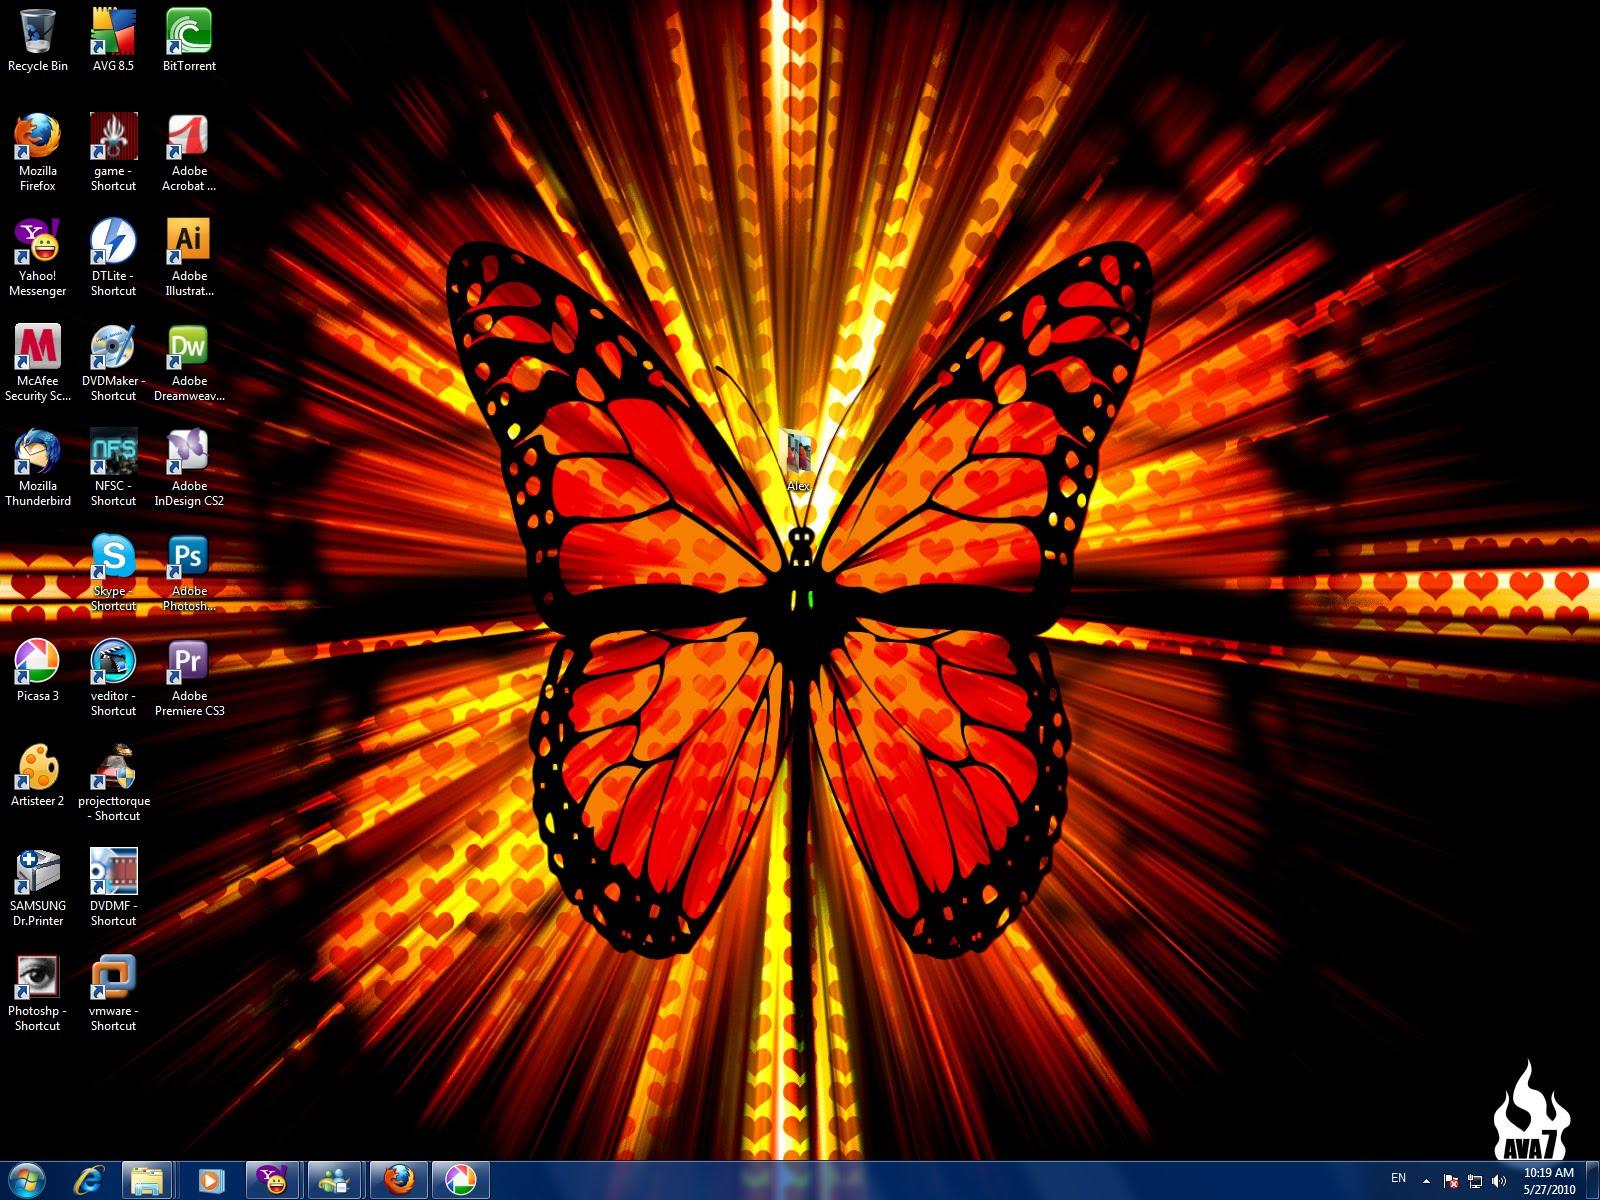 http://2.bp.blogspot.com/_kRDTu5_psJQ/S_4yFrkv25I/AAAAAAAABgU/mQ_GtQSloM4/s1600/Acquisizione+a+schermo+intero+5272010+101944+AM.bmp